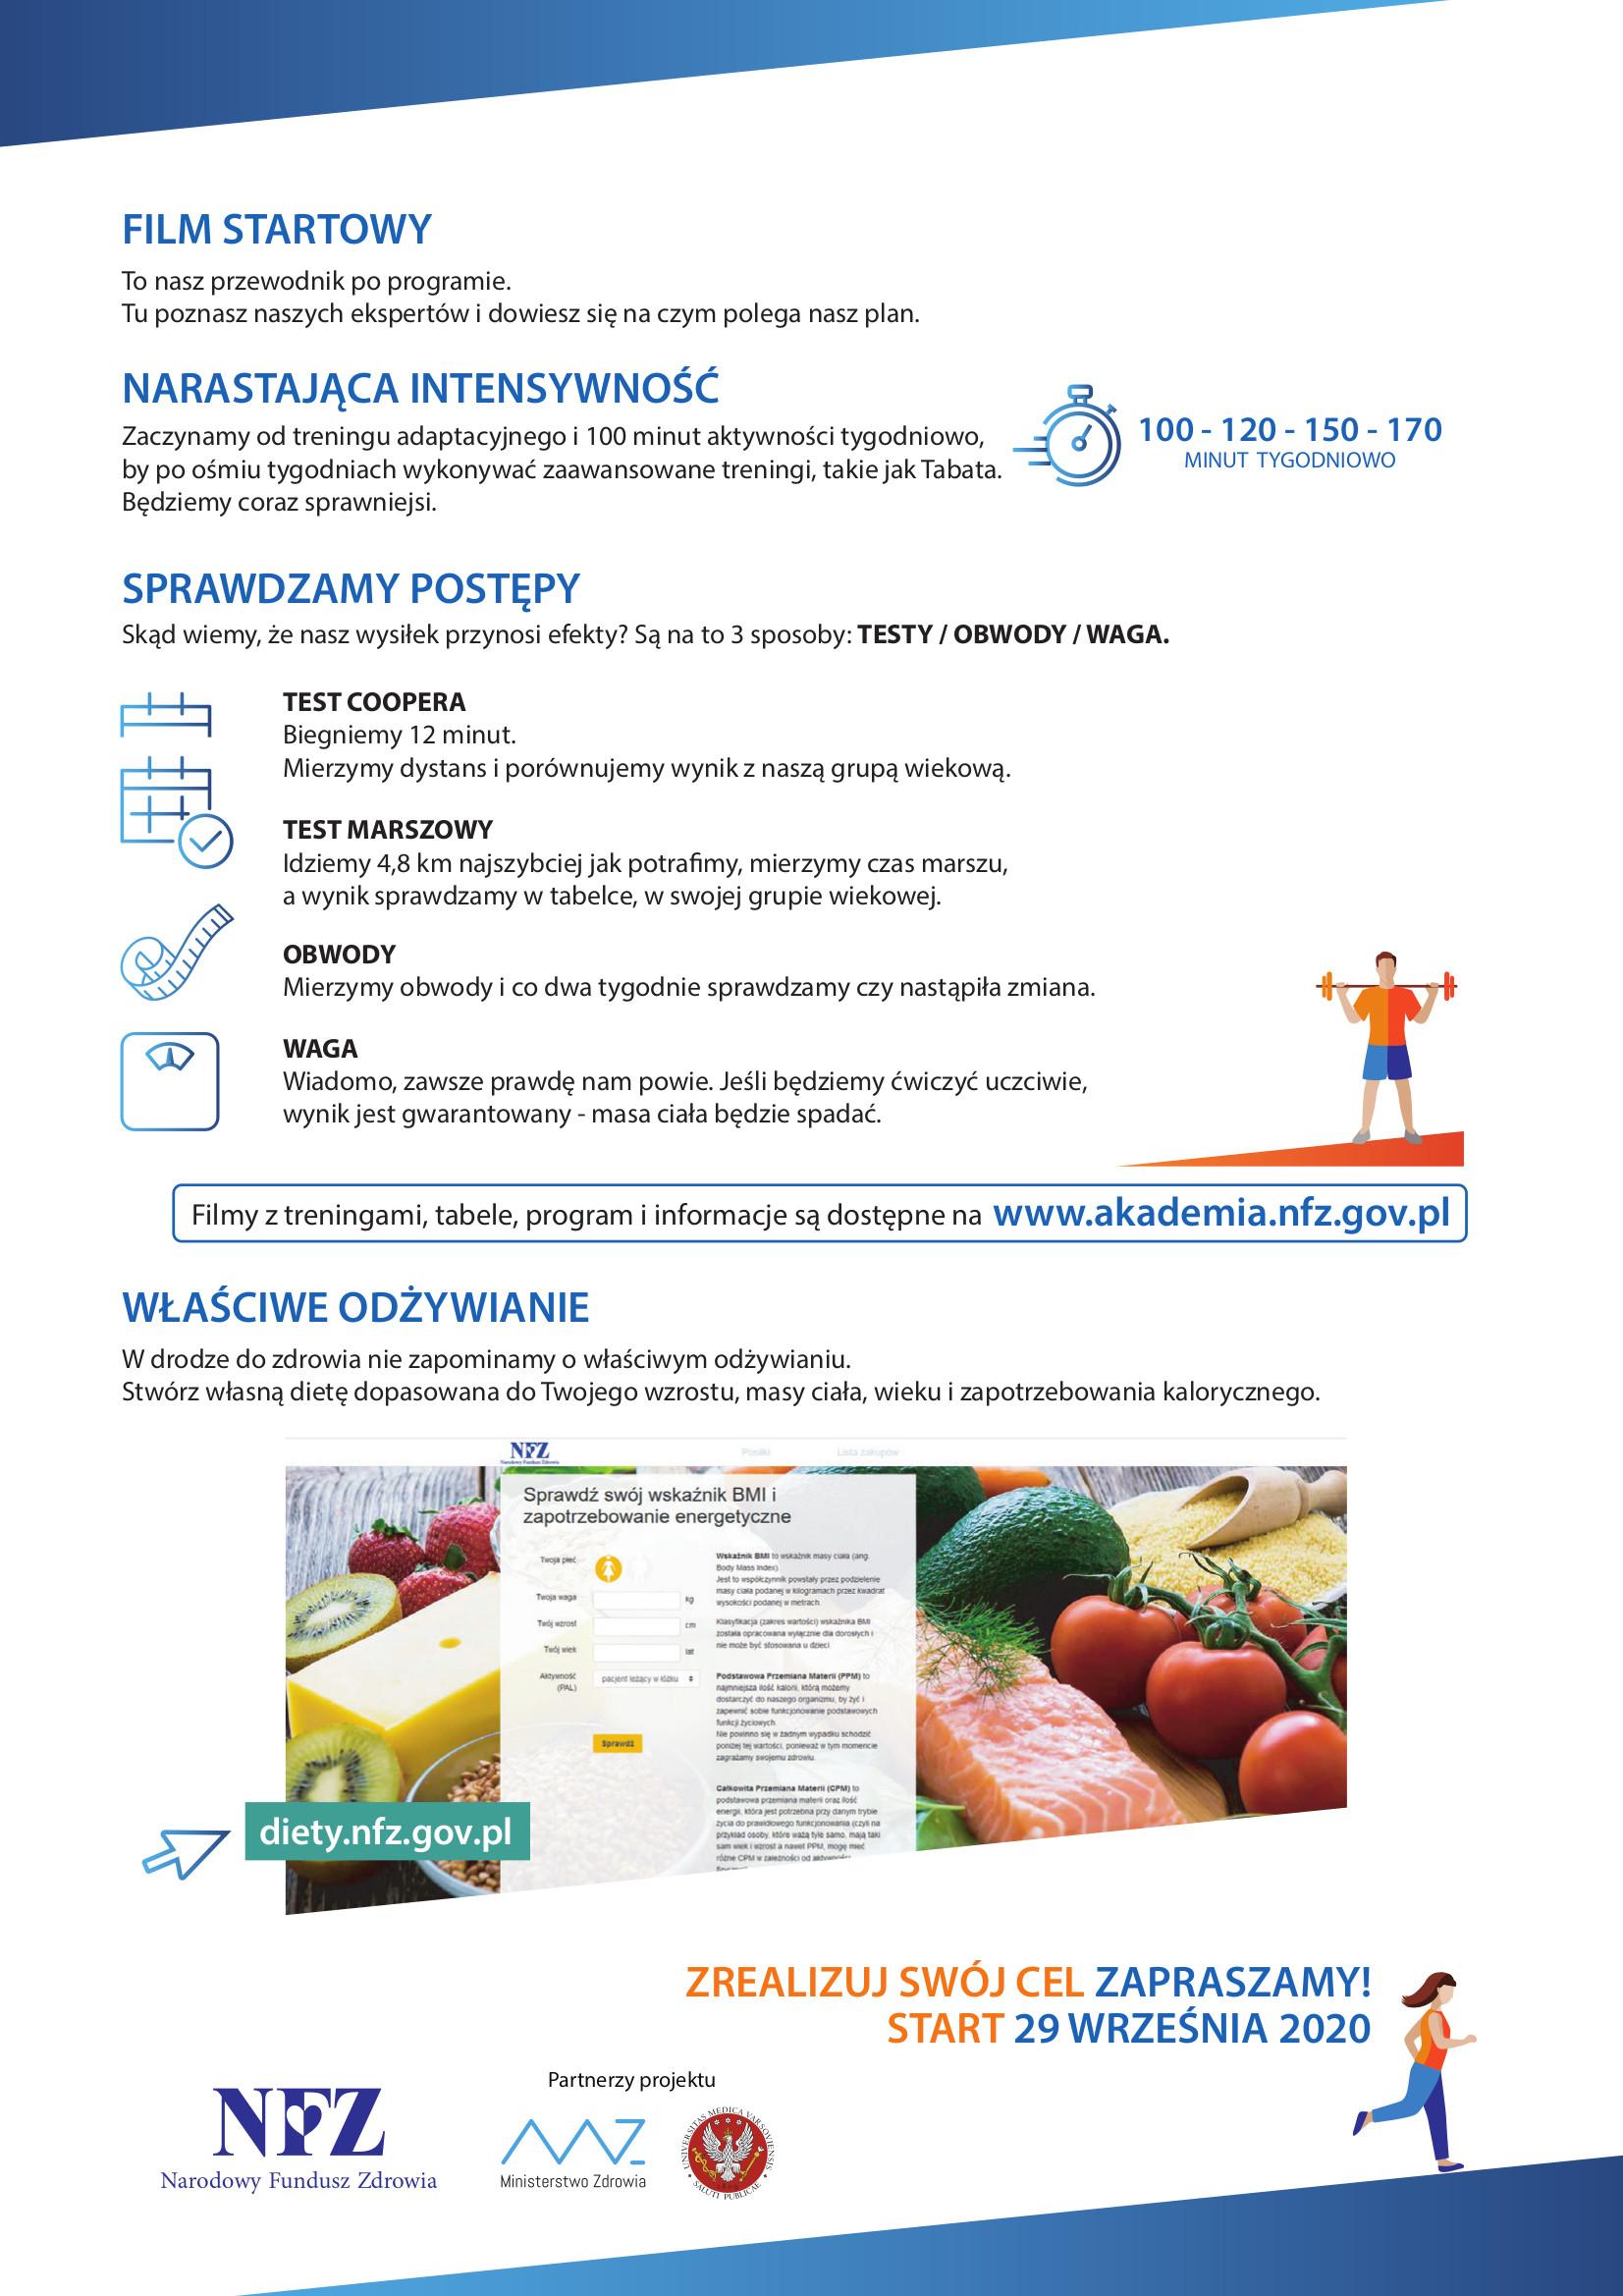 2020-09-29_8_tygodni_do_zdrowia_ulotka_opis_programu2.jpg